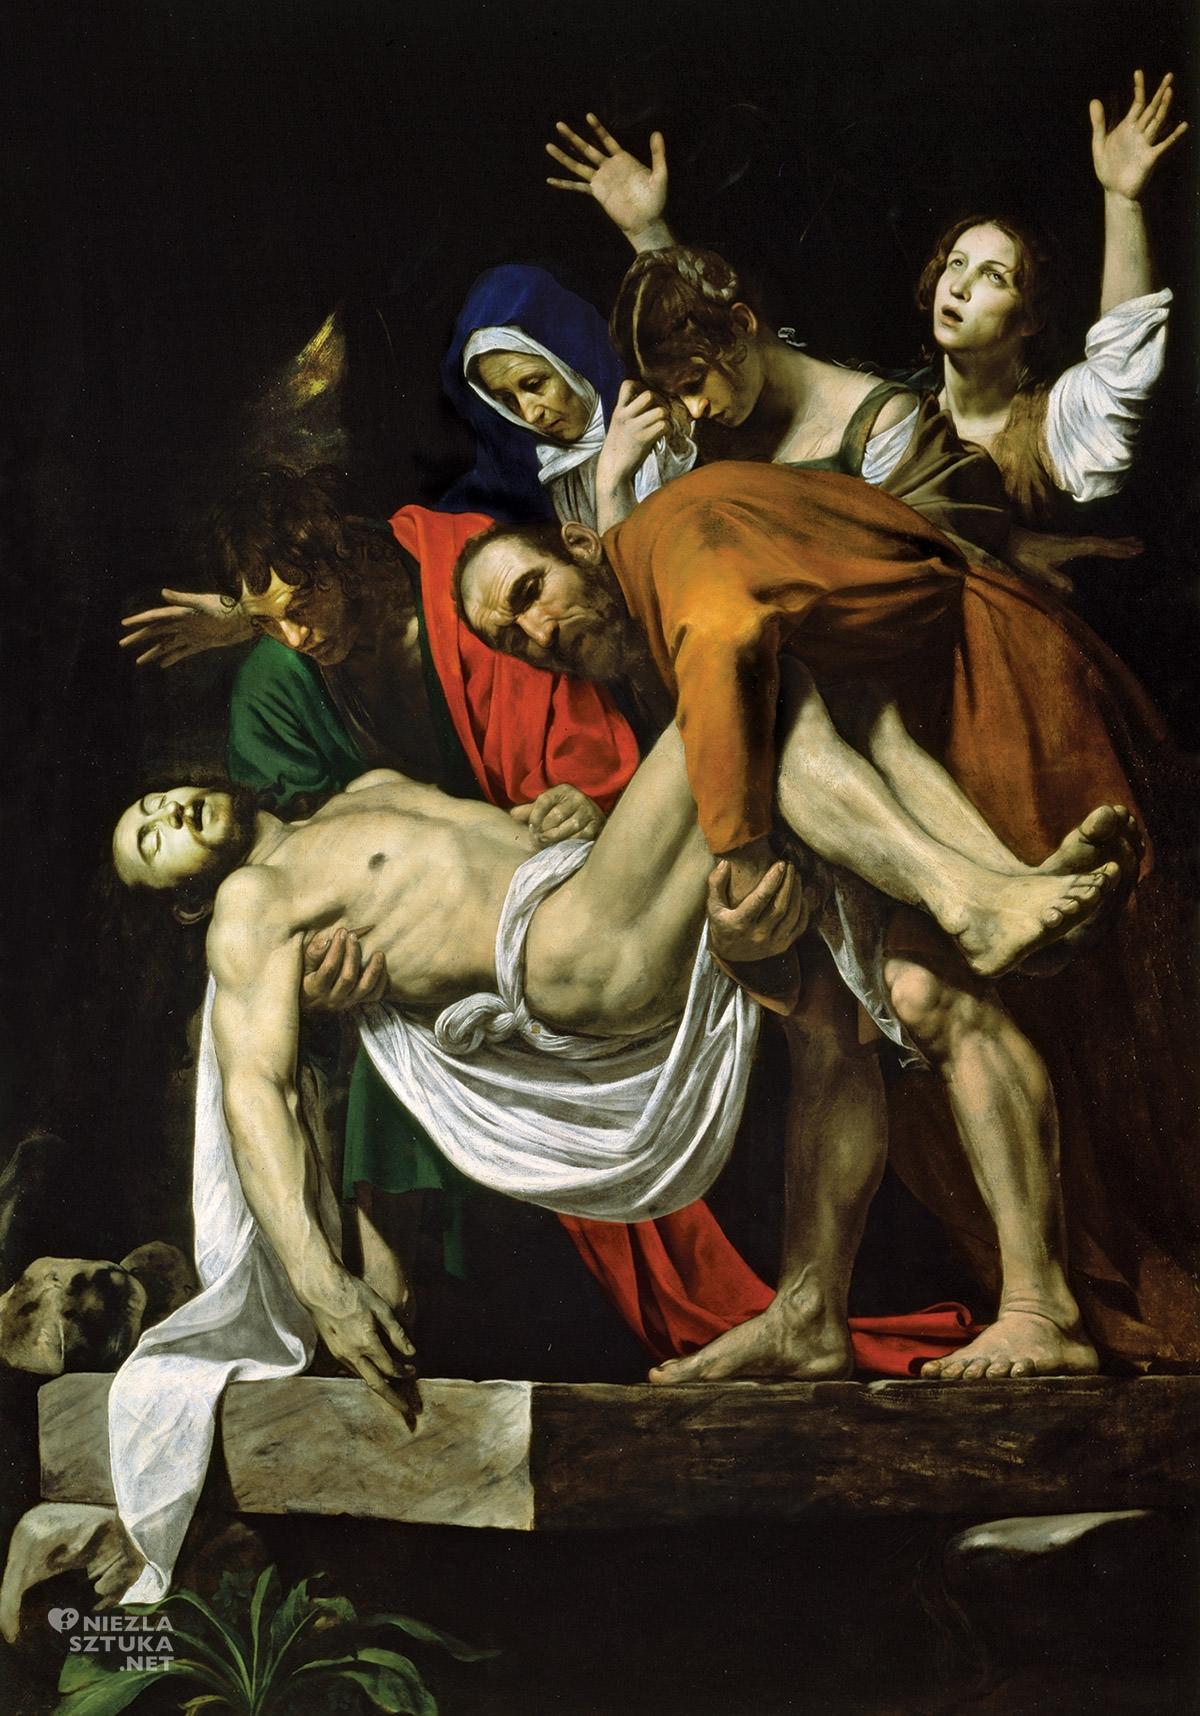 Caravaggio, Złożenie do grobu, sztuka religijna, barok, Muzea Watykańskie, Niezła Sztuka